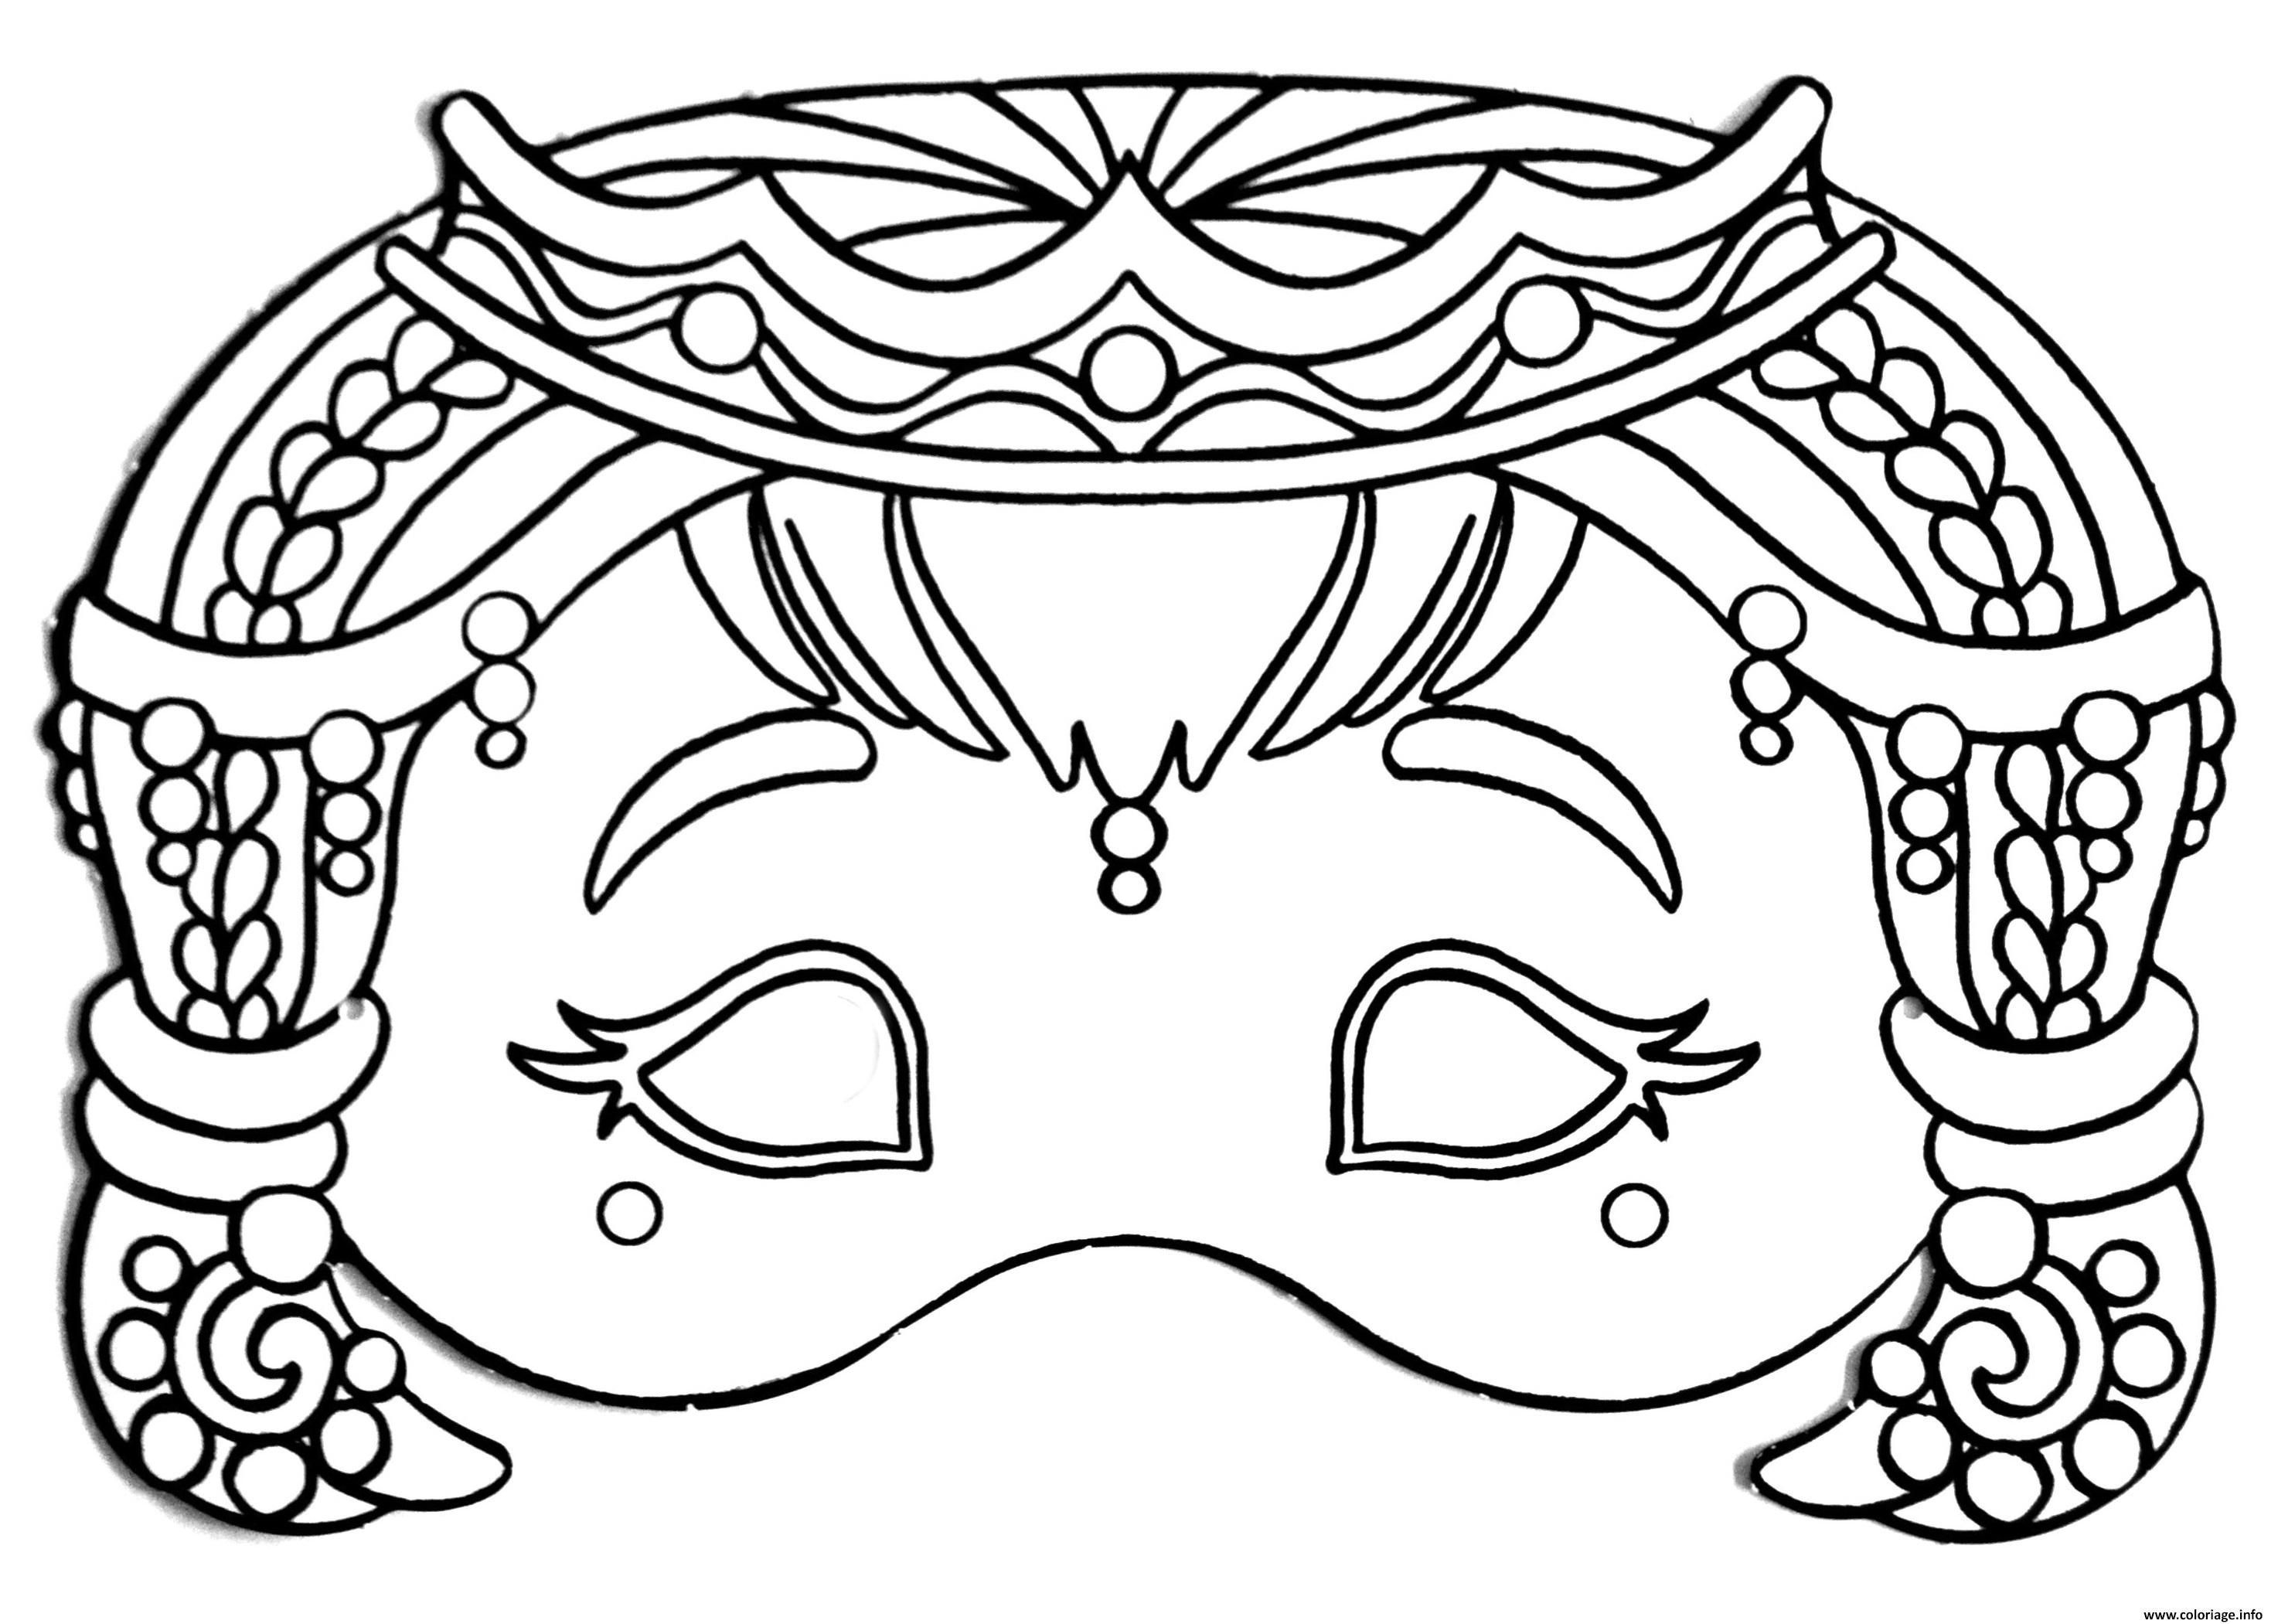 Coloriage Masque De Princesse Pour Fille Jecolorie Com